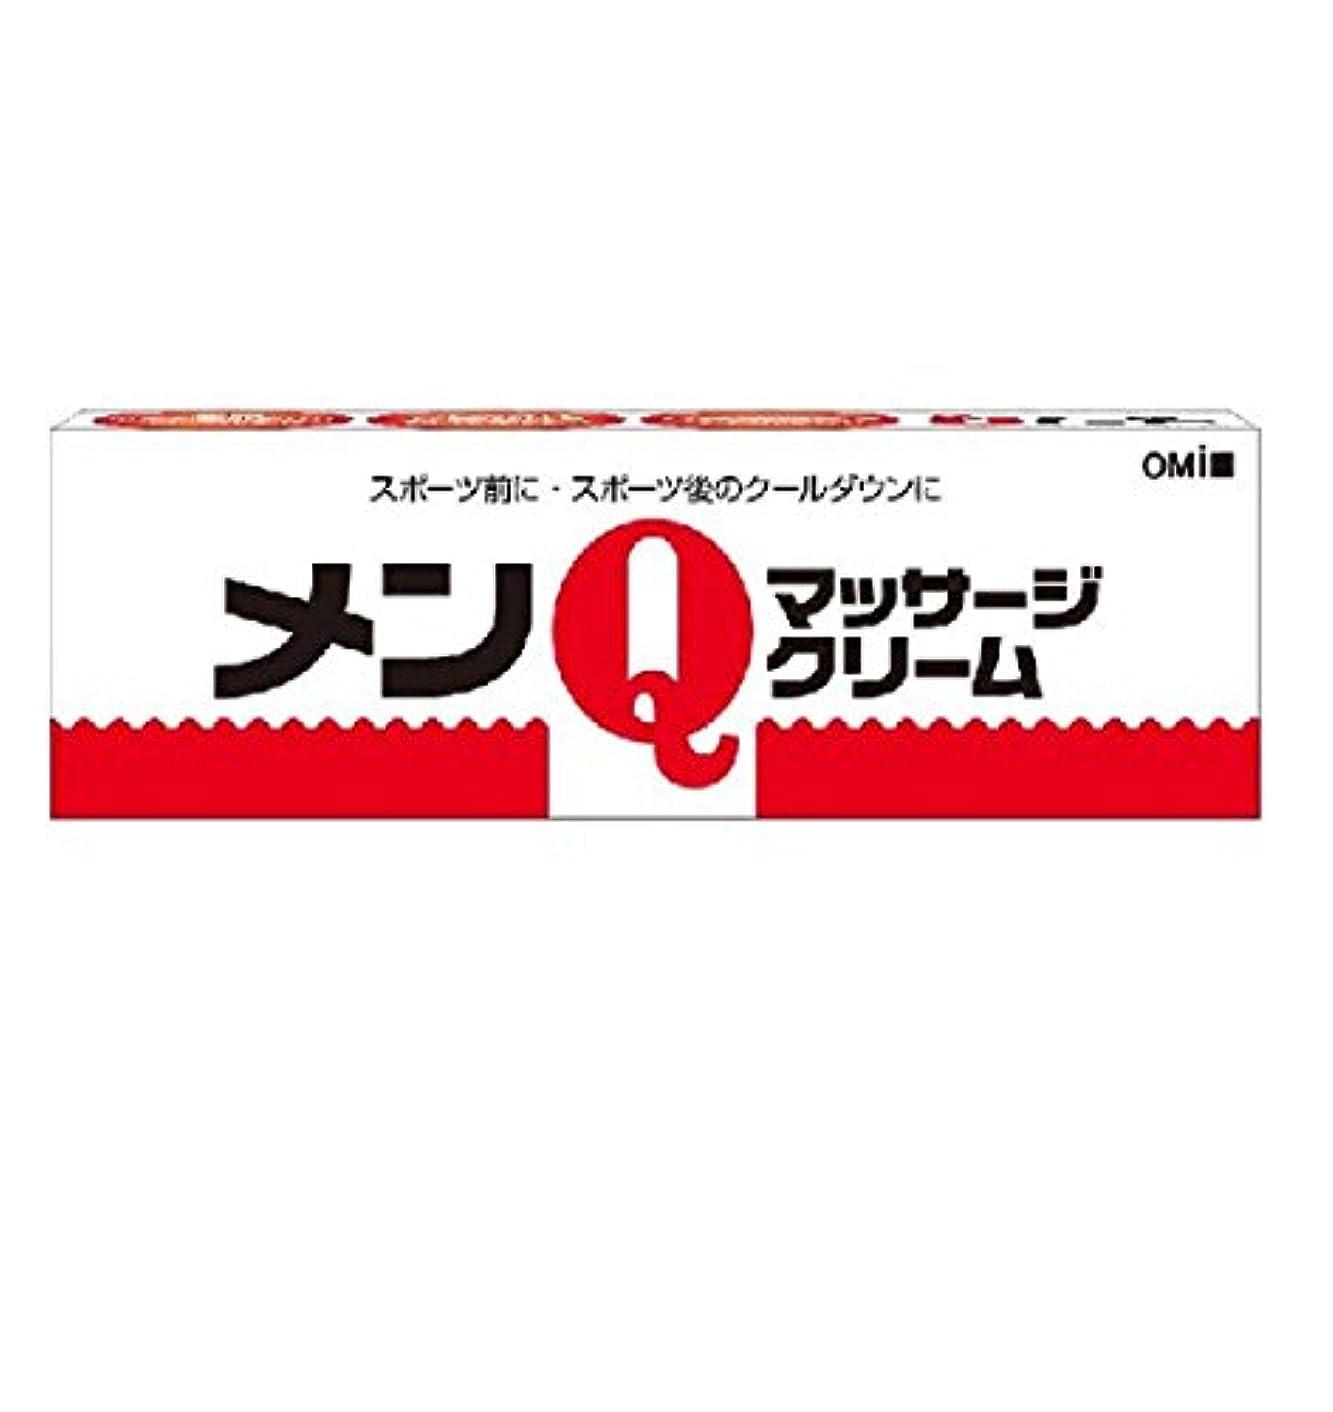 終わらせる治療メルボルン近江兄弟社 メンQマッサージクリーム 65g